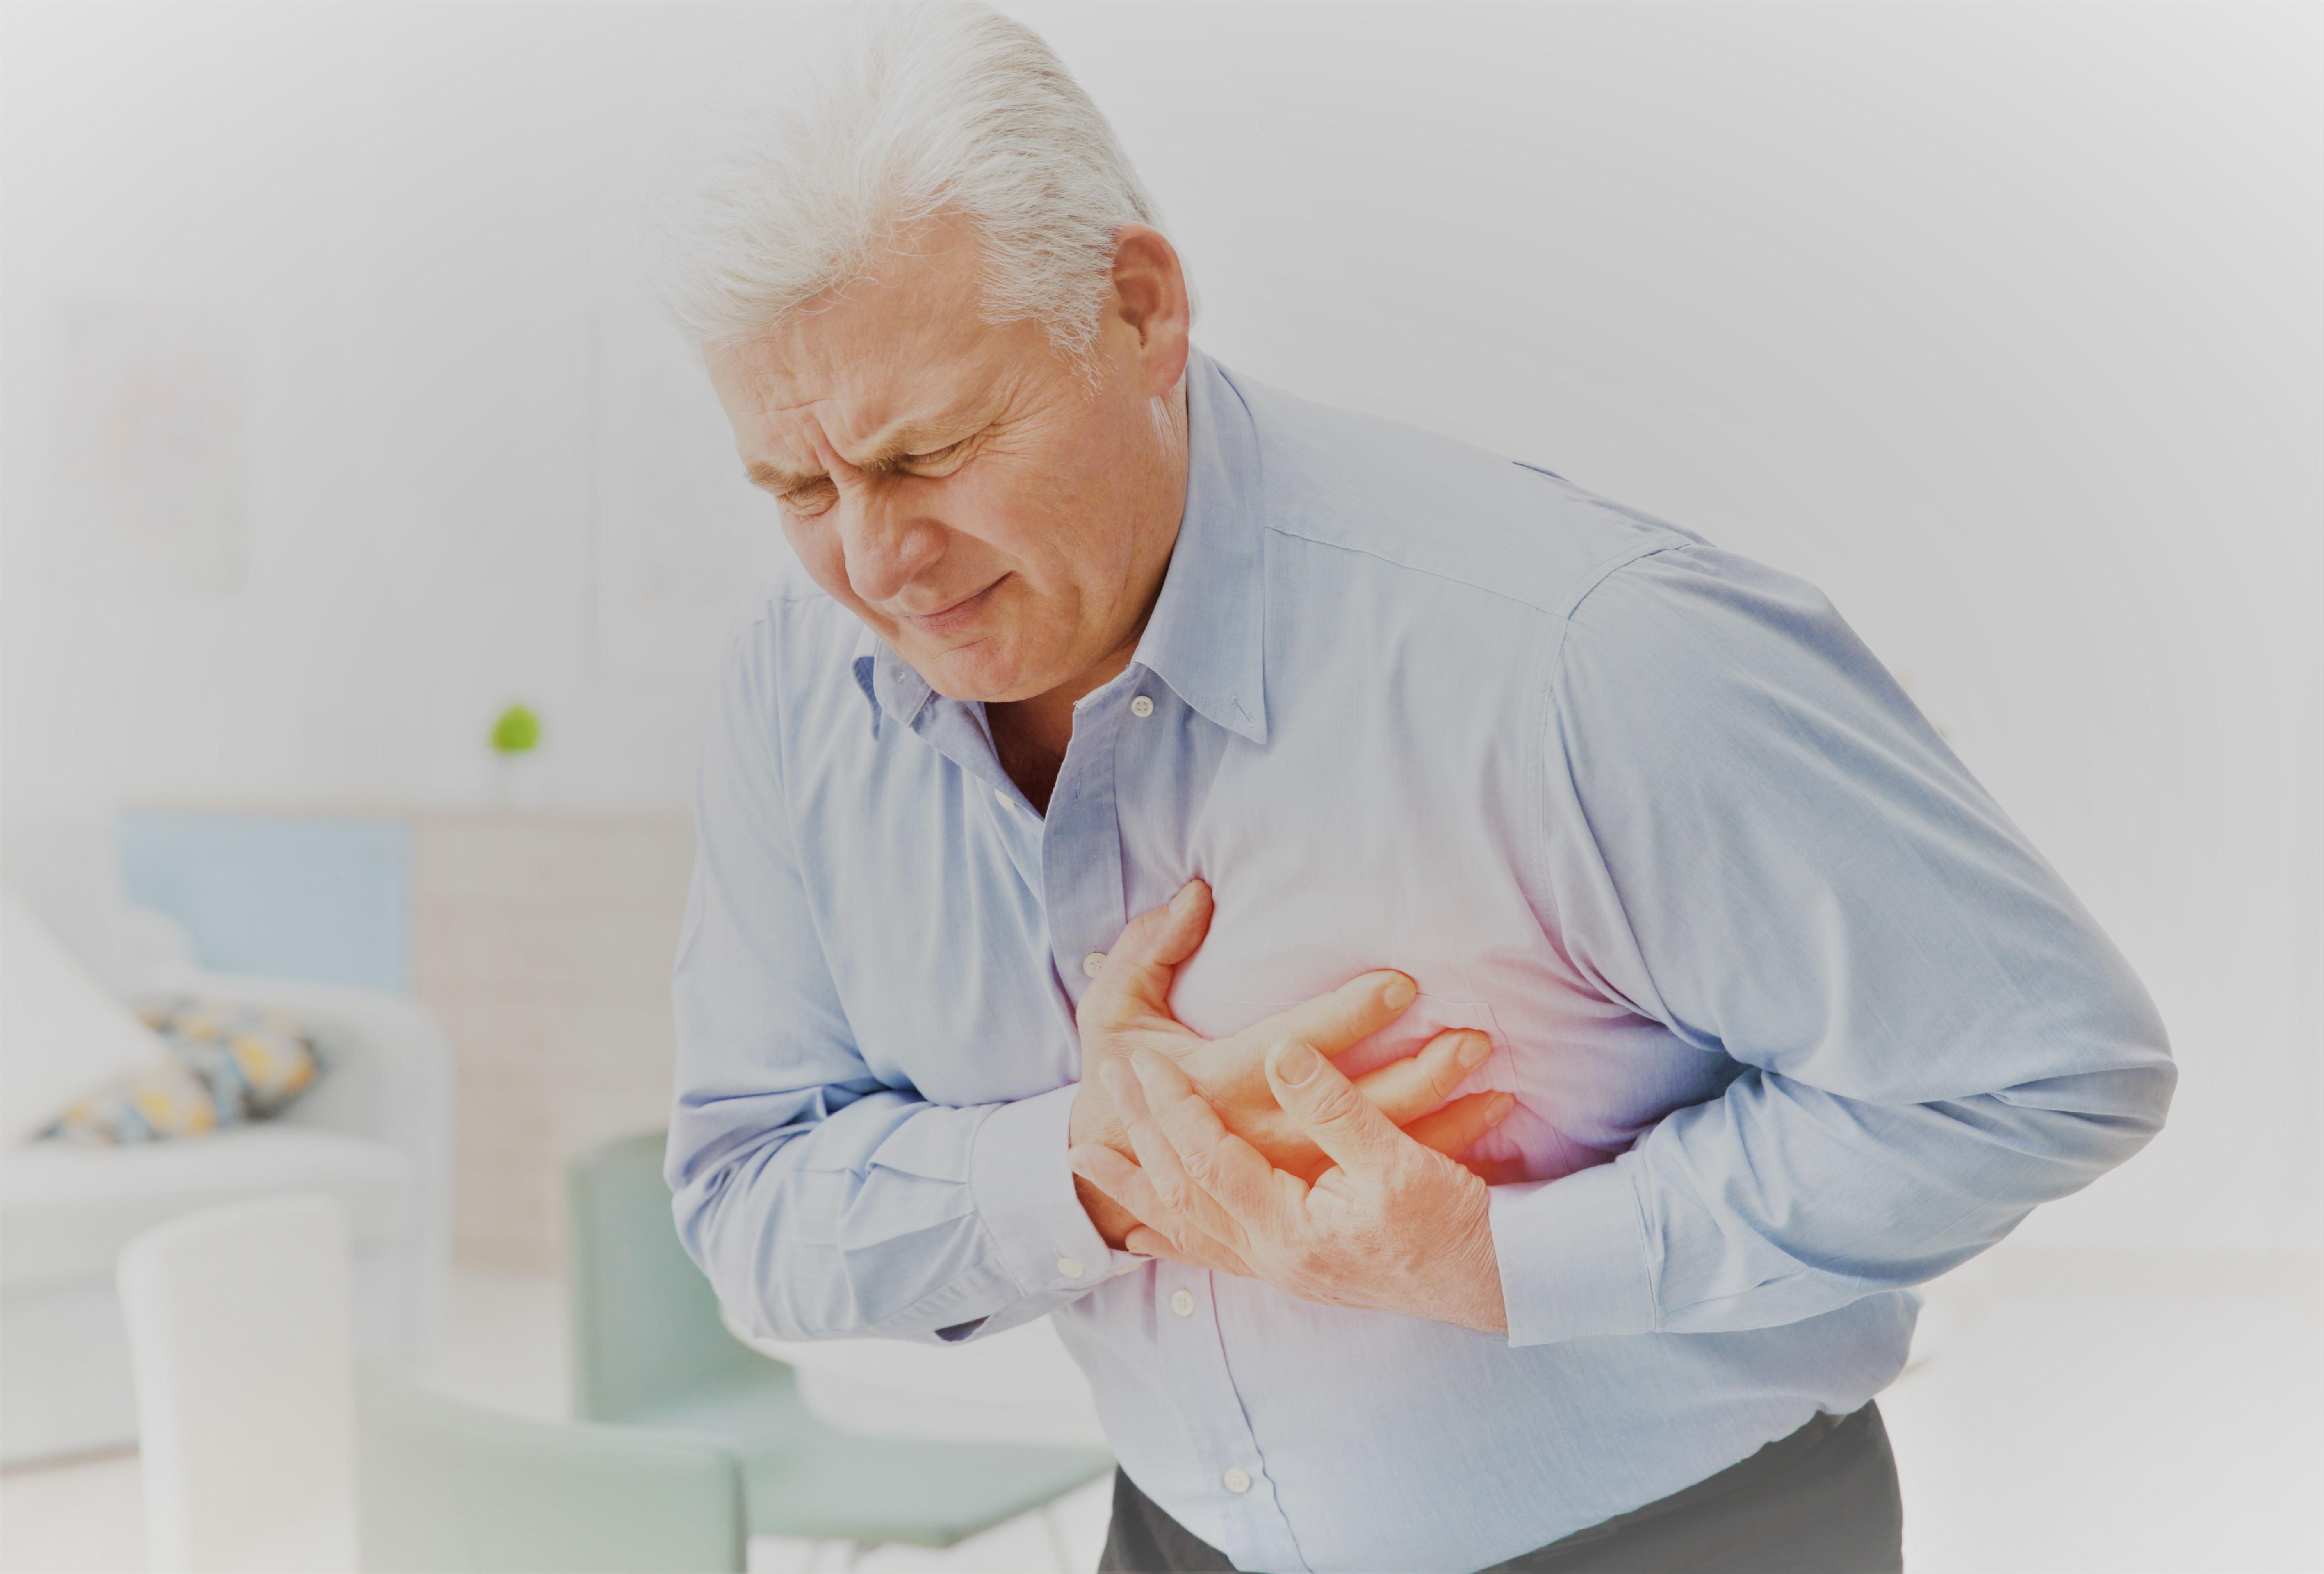 ízületi fájdalom a kéz bal oldalán